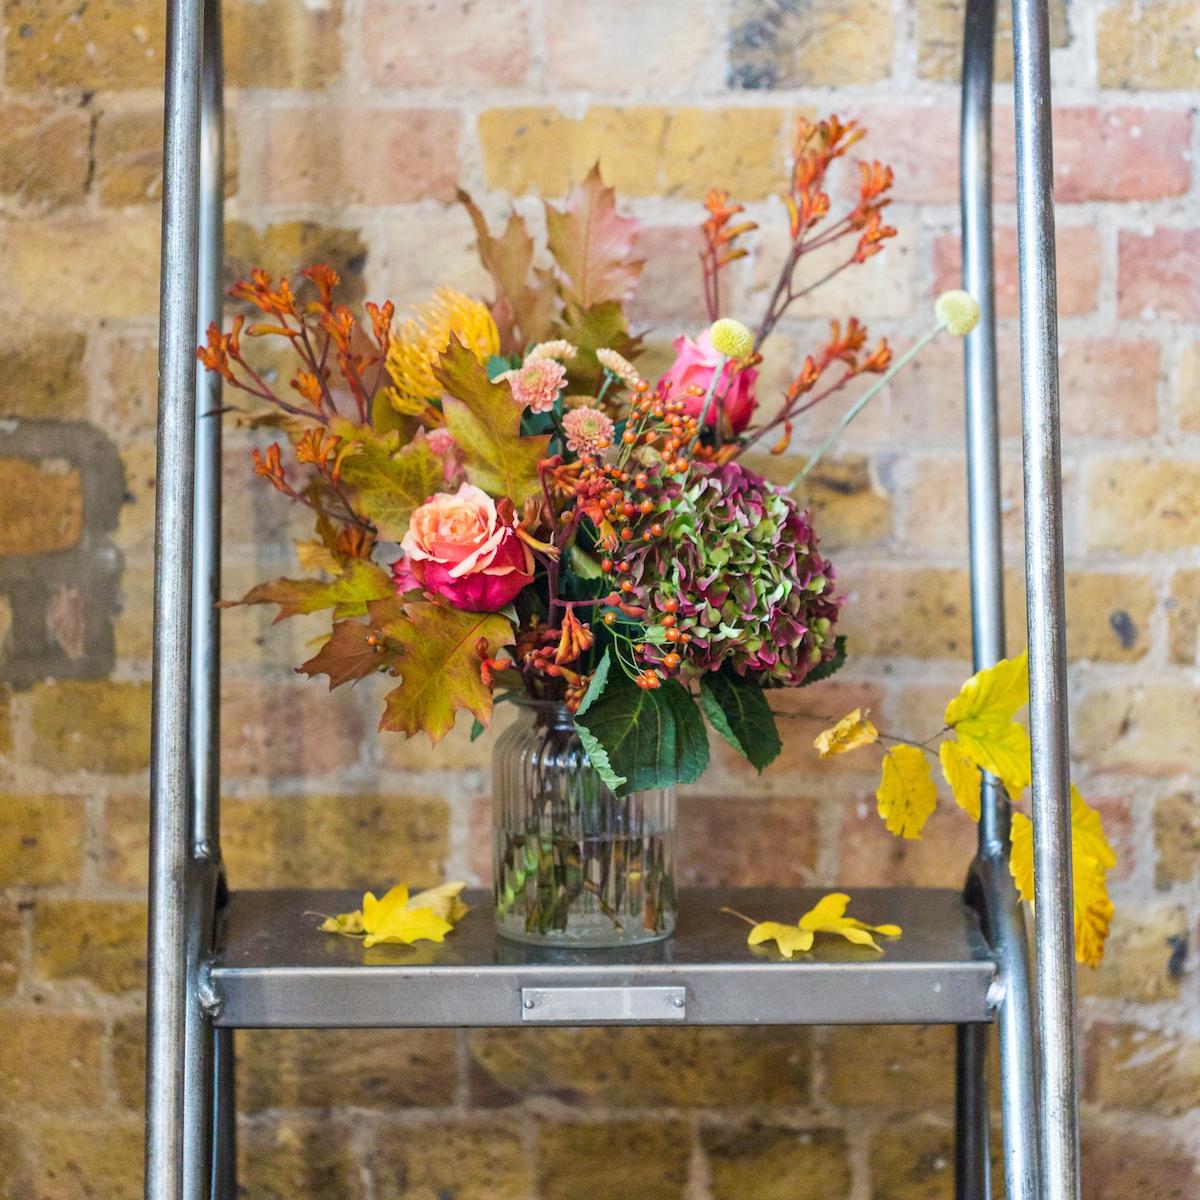 autumn style flowers